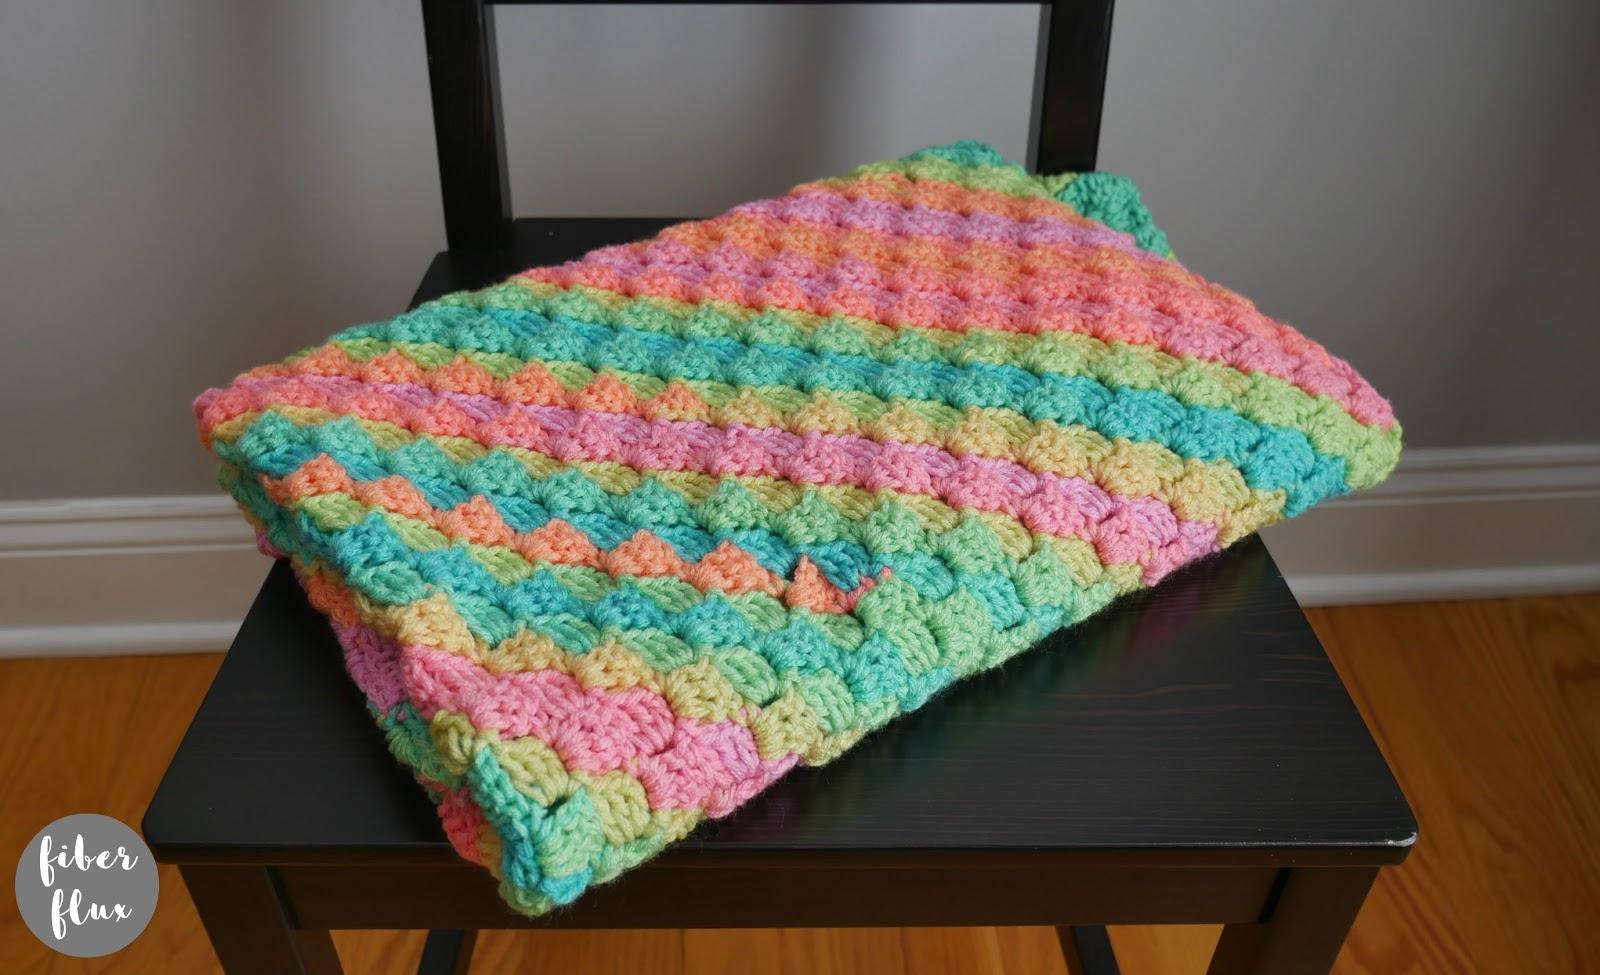 Fiber Flux Rainbow Sherbet Blanket, Free Crochet Pattern + Video